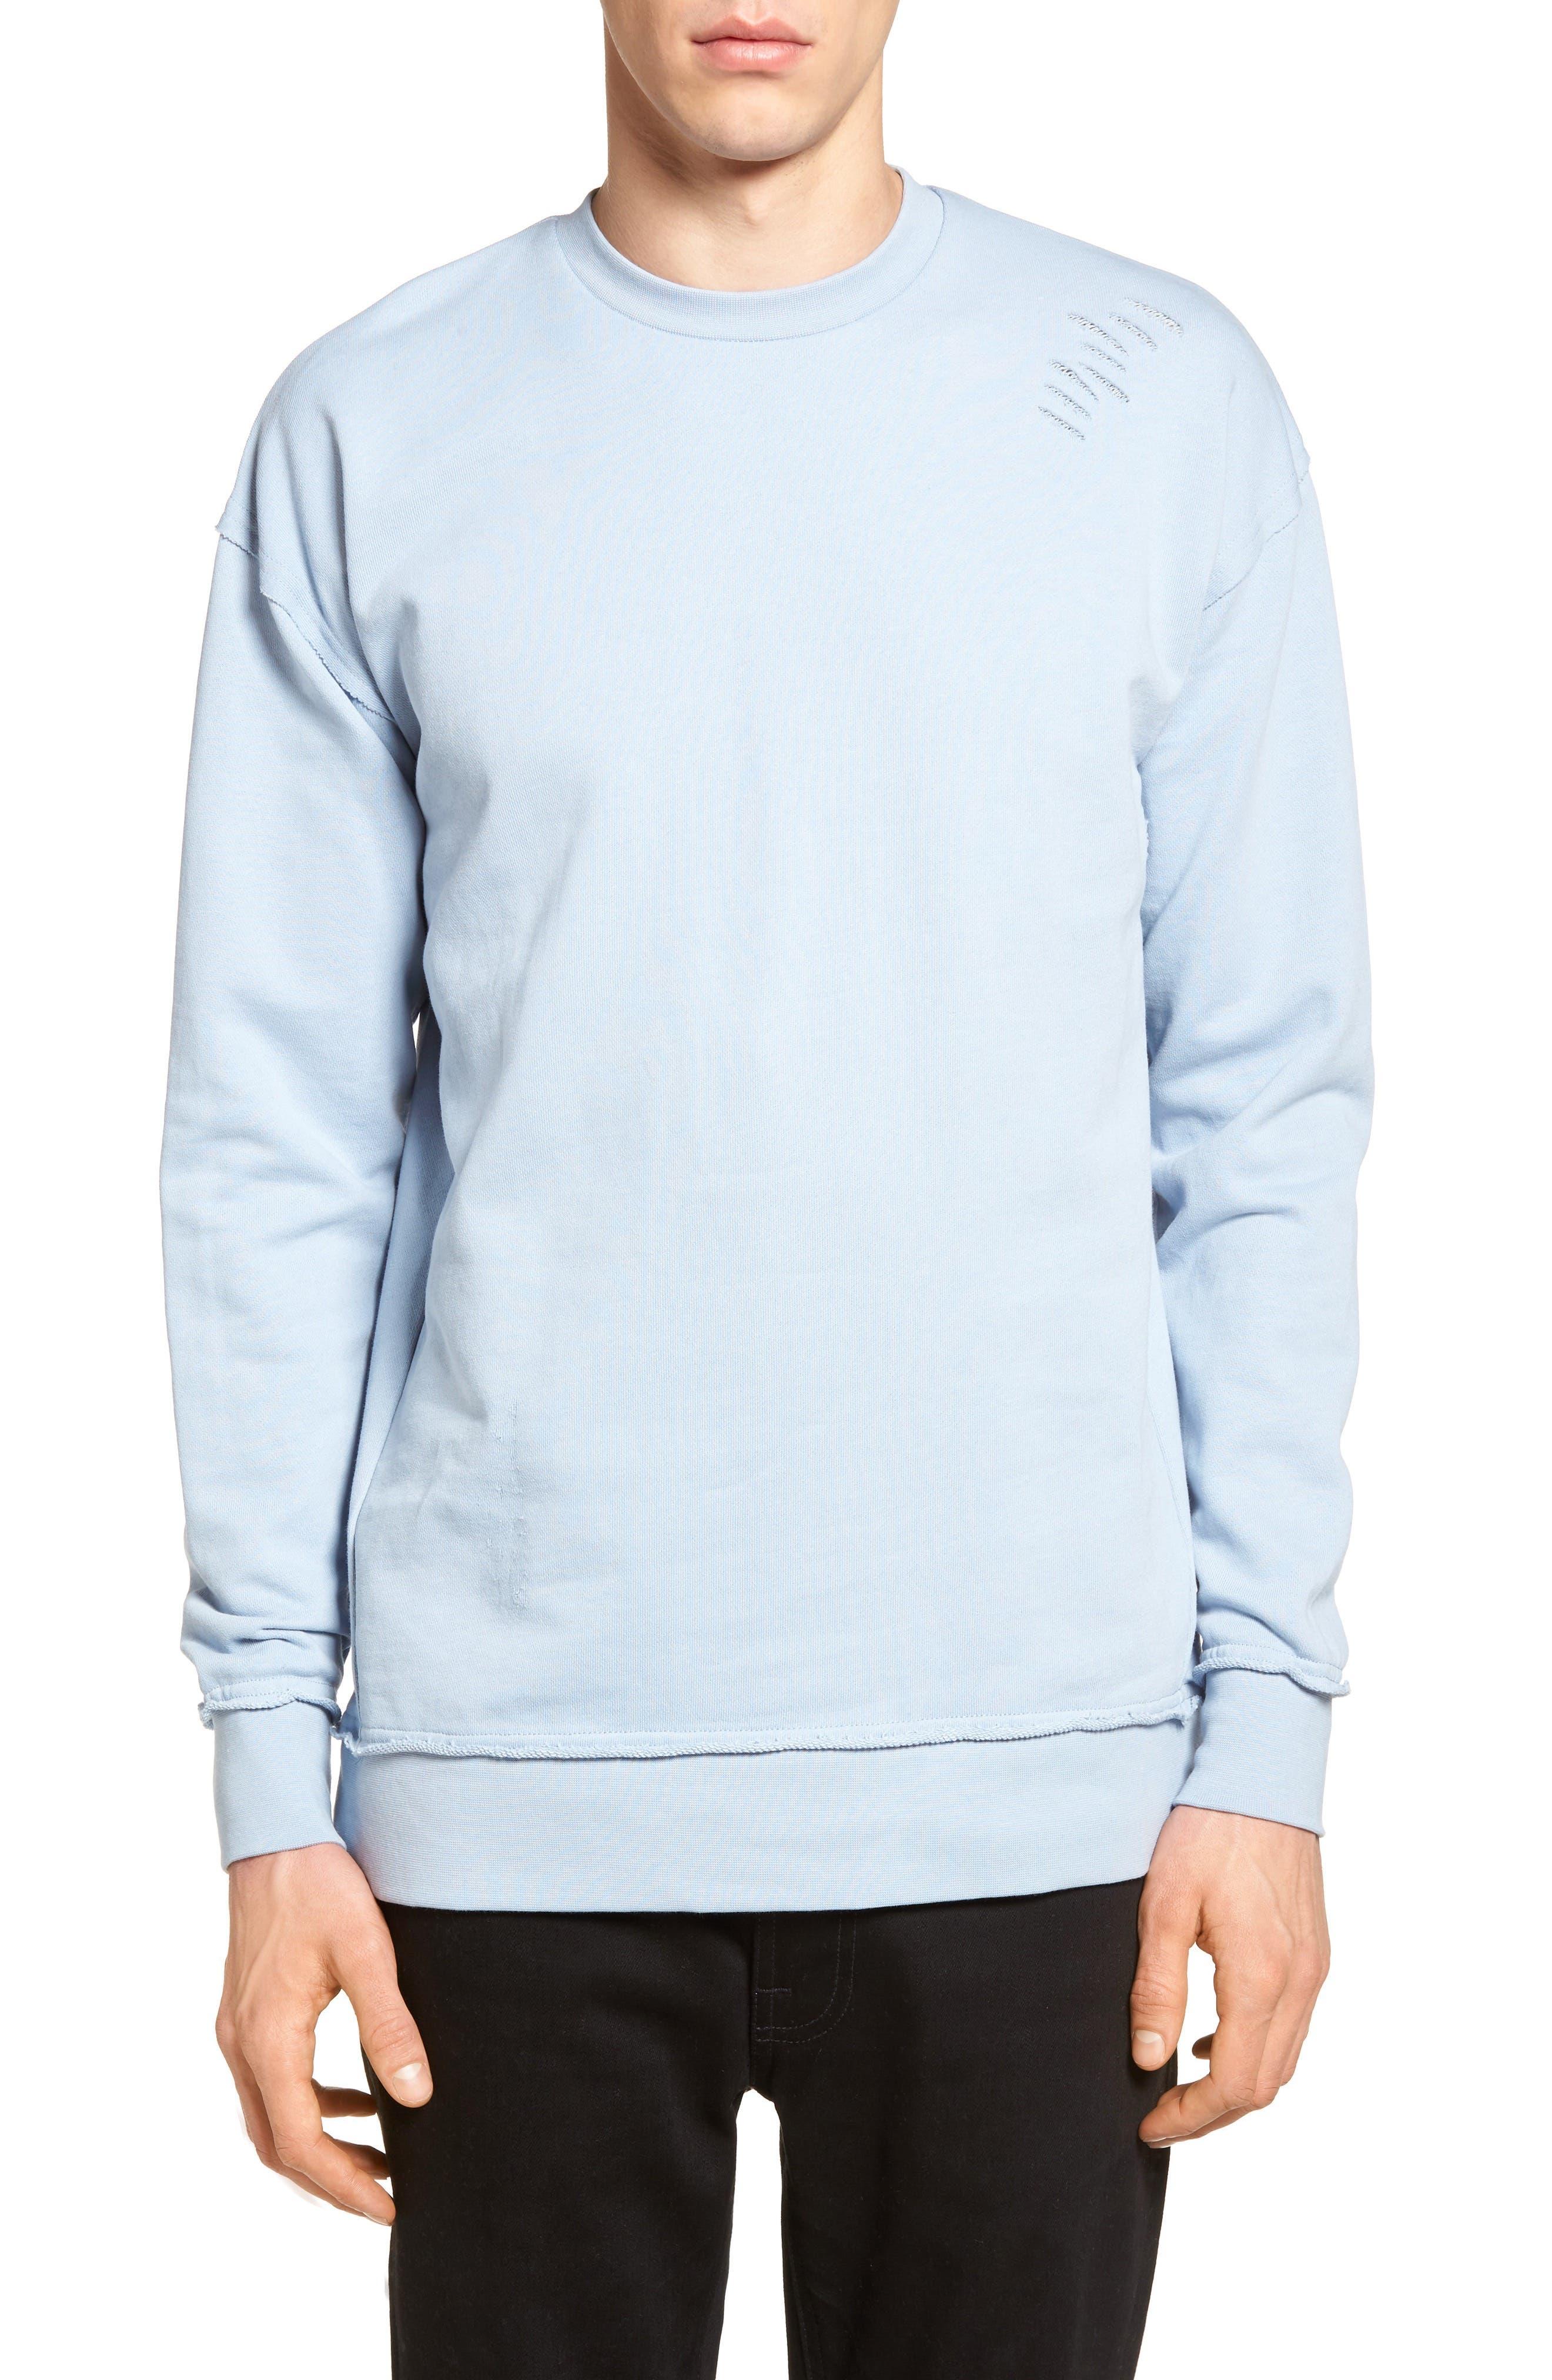 ZANEROBE Rugger Oversized Raw Edge Sweatshirt